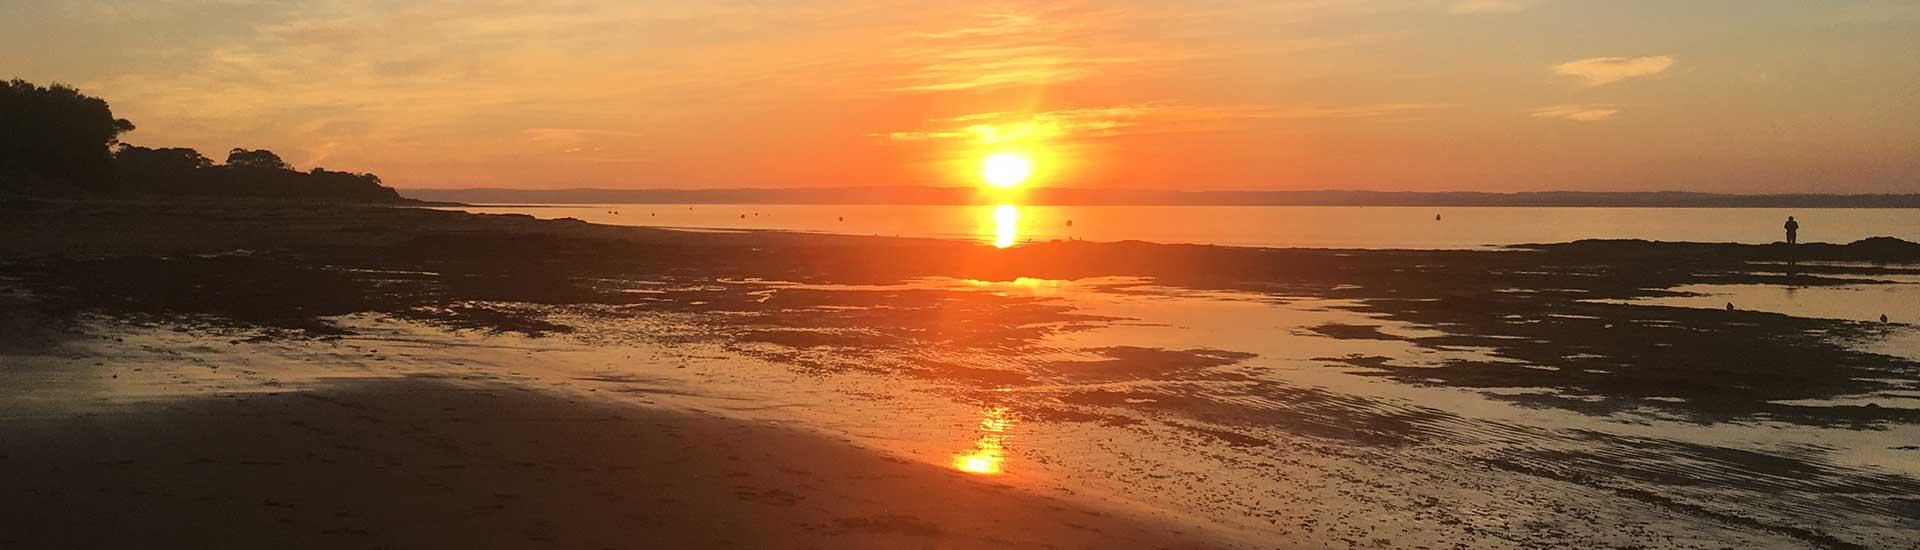 Phillip Island Sunset